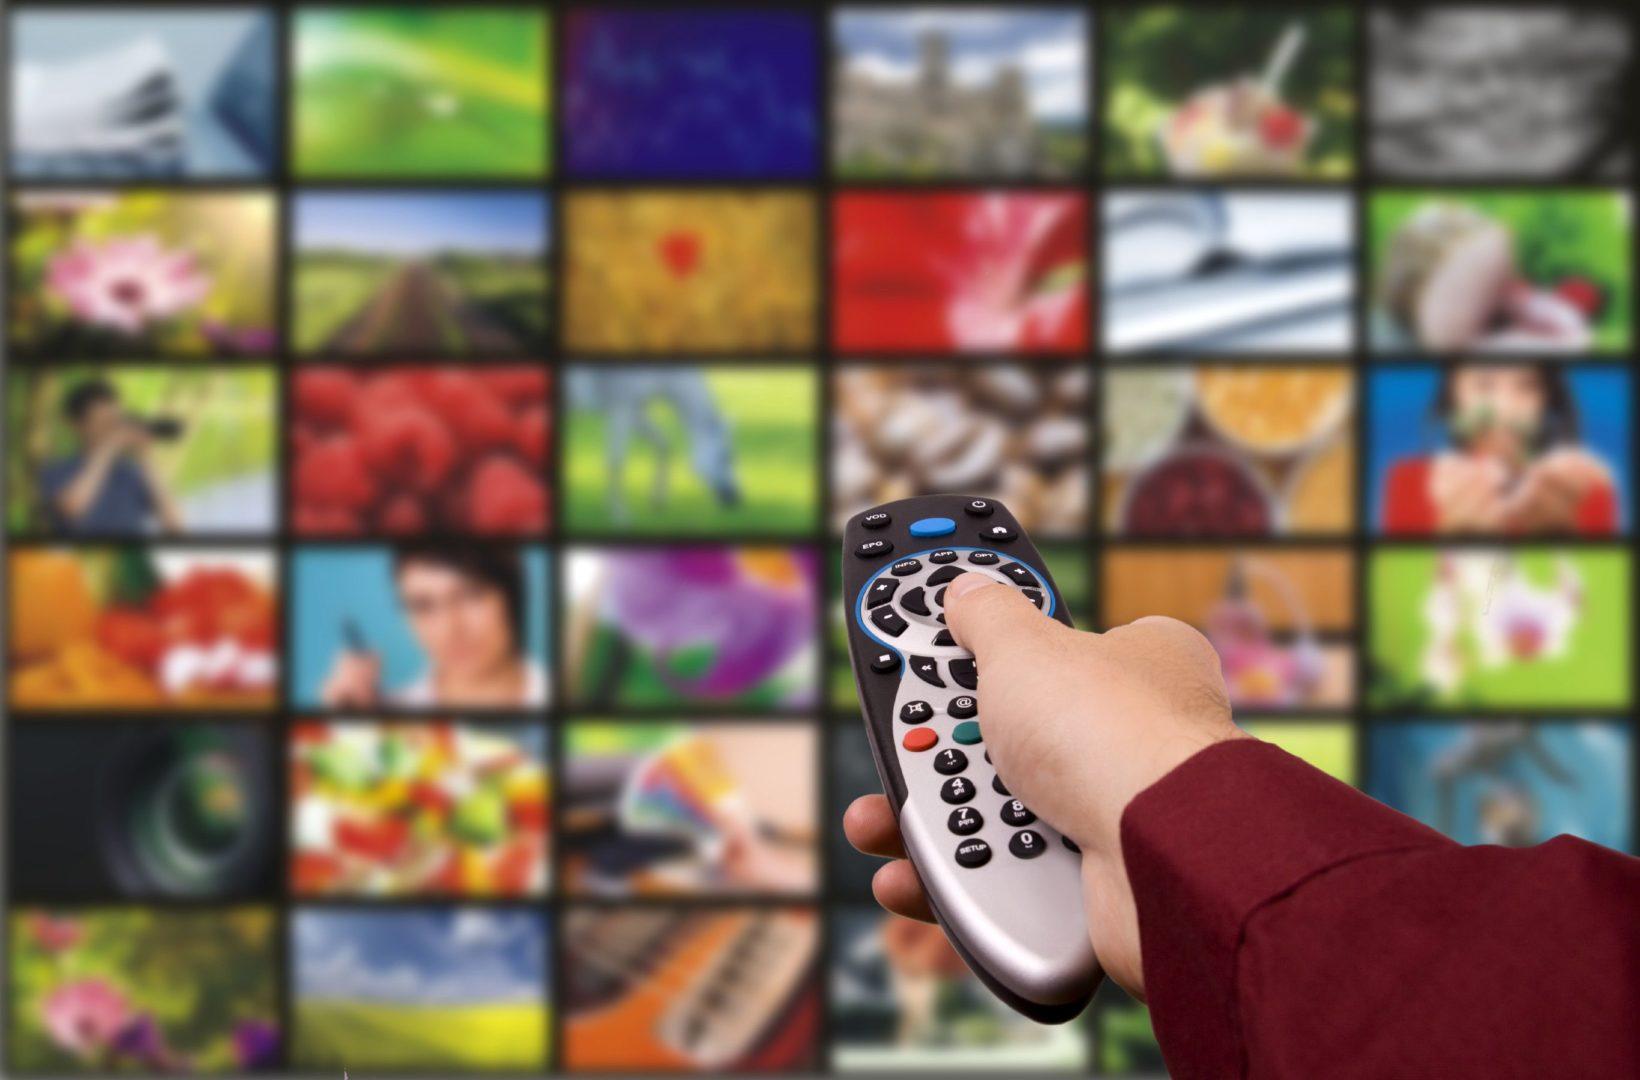 ZAPP UP, DESCUBRE LA TV SIN PUBLICIDAD